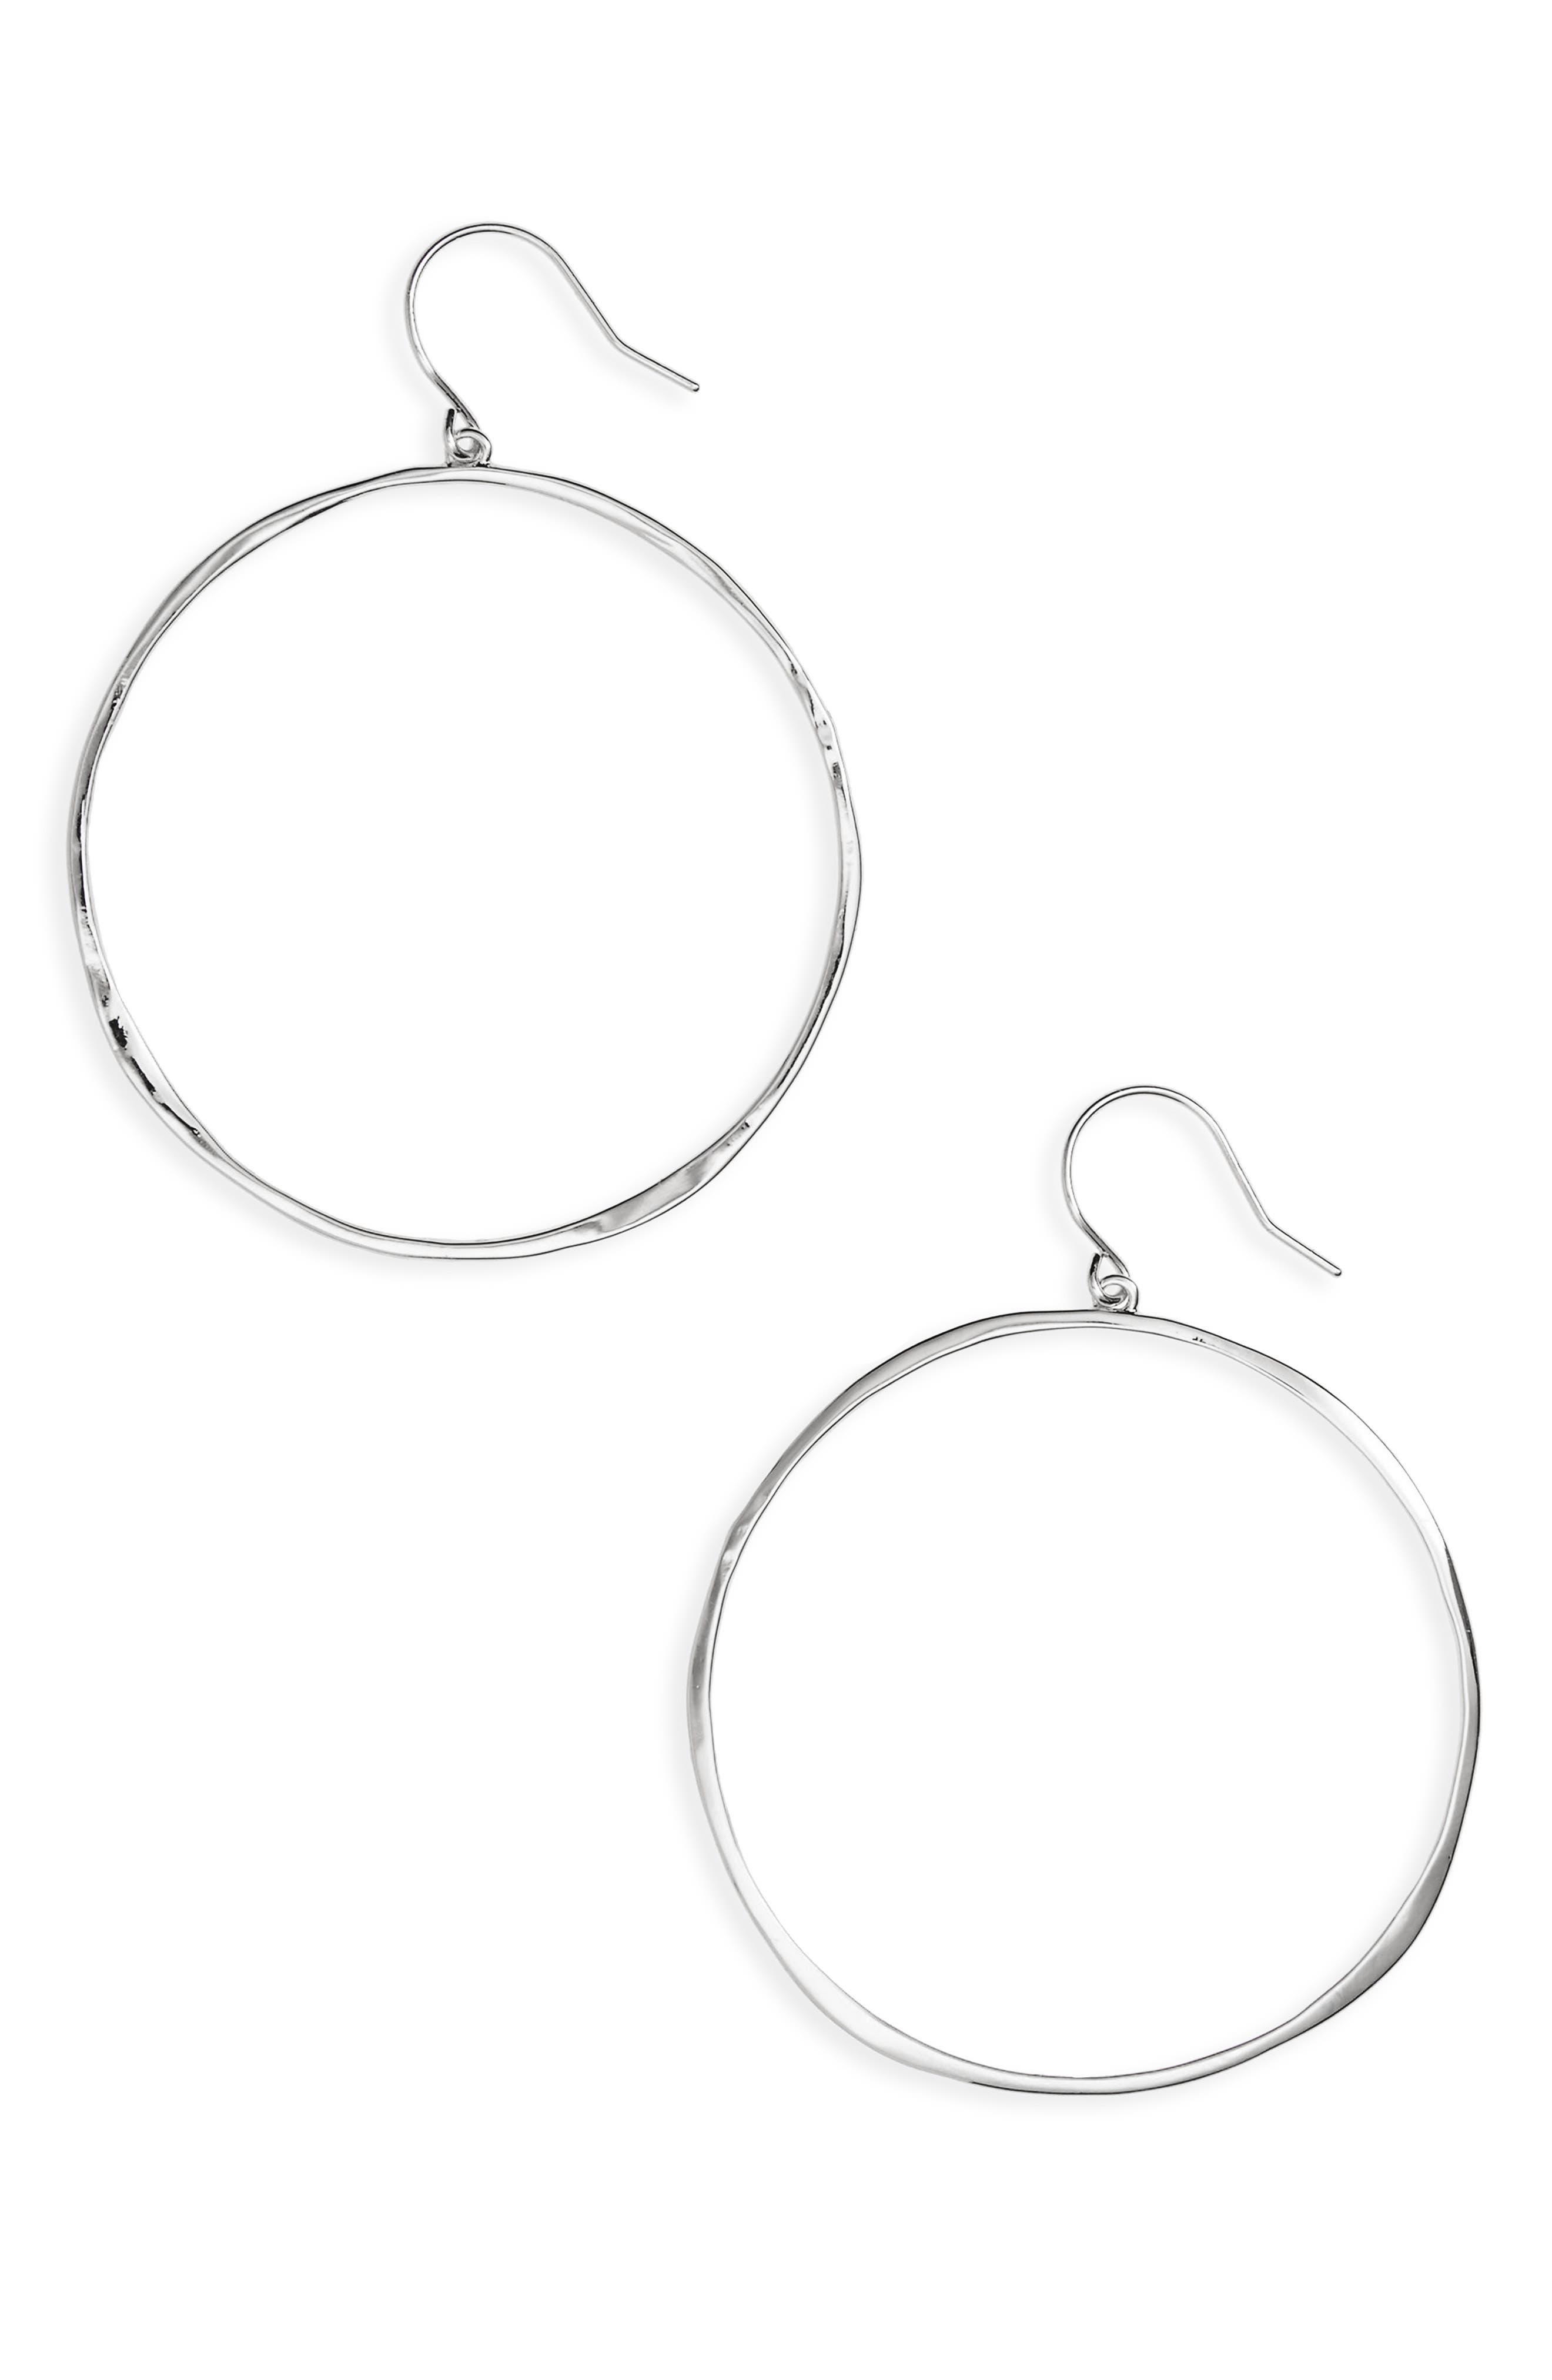 Alternate Image 1 Selected - gorjana G Ring Hoops